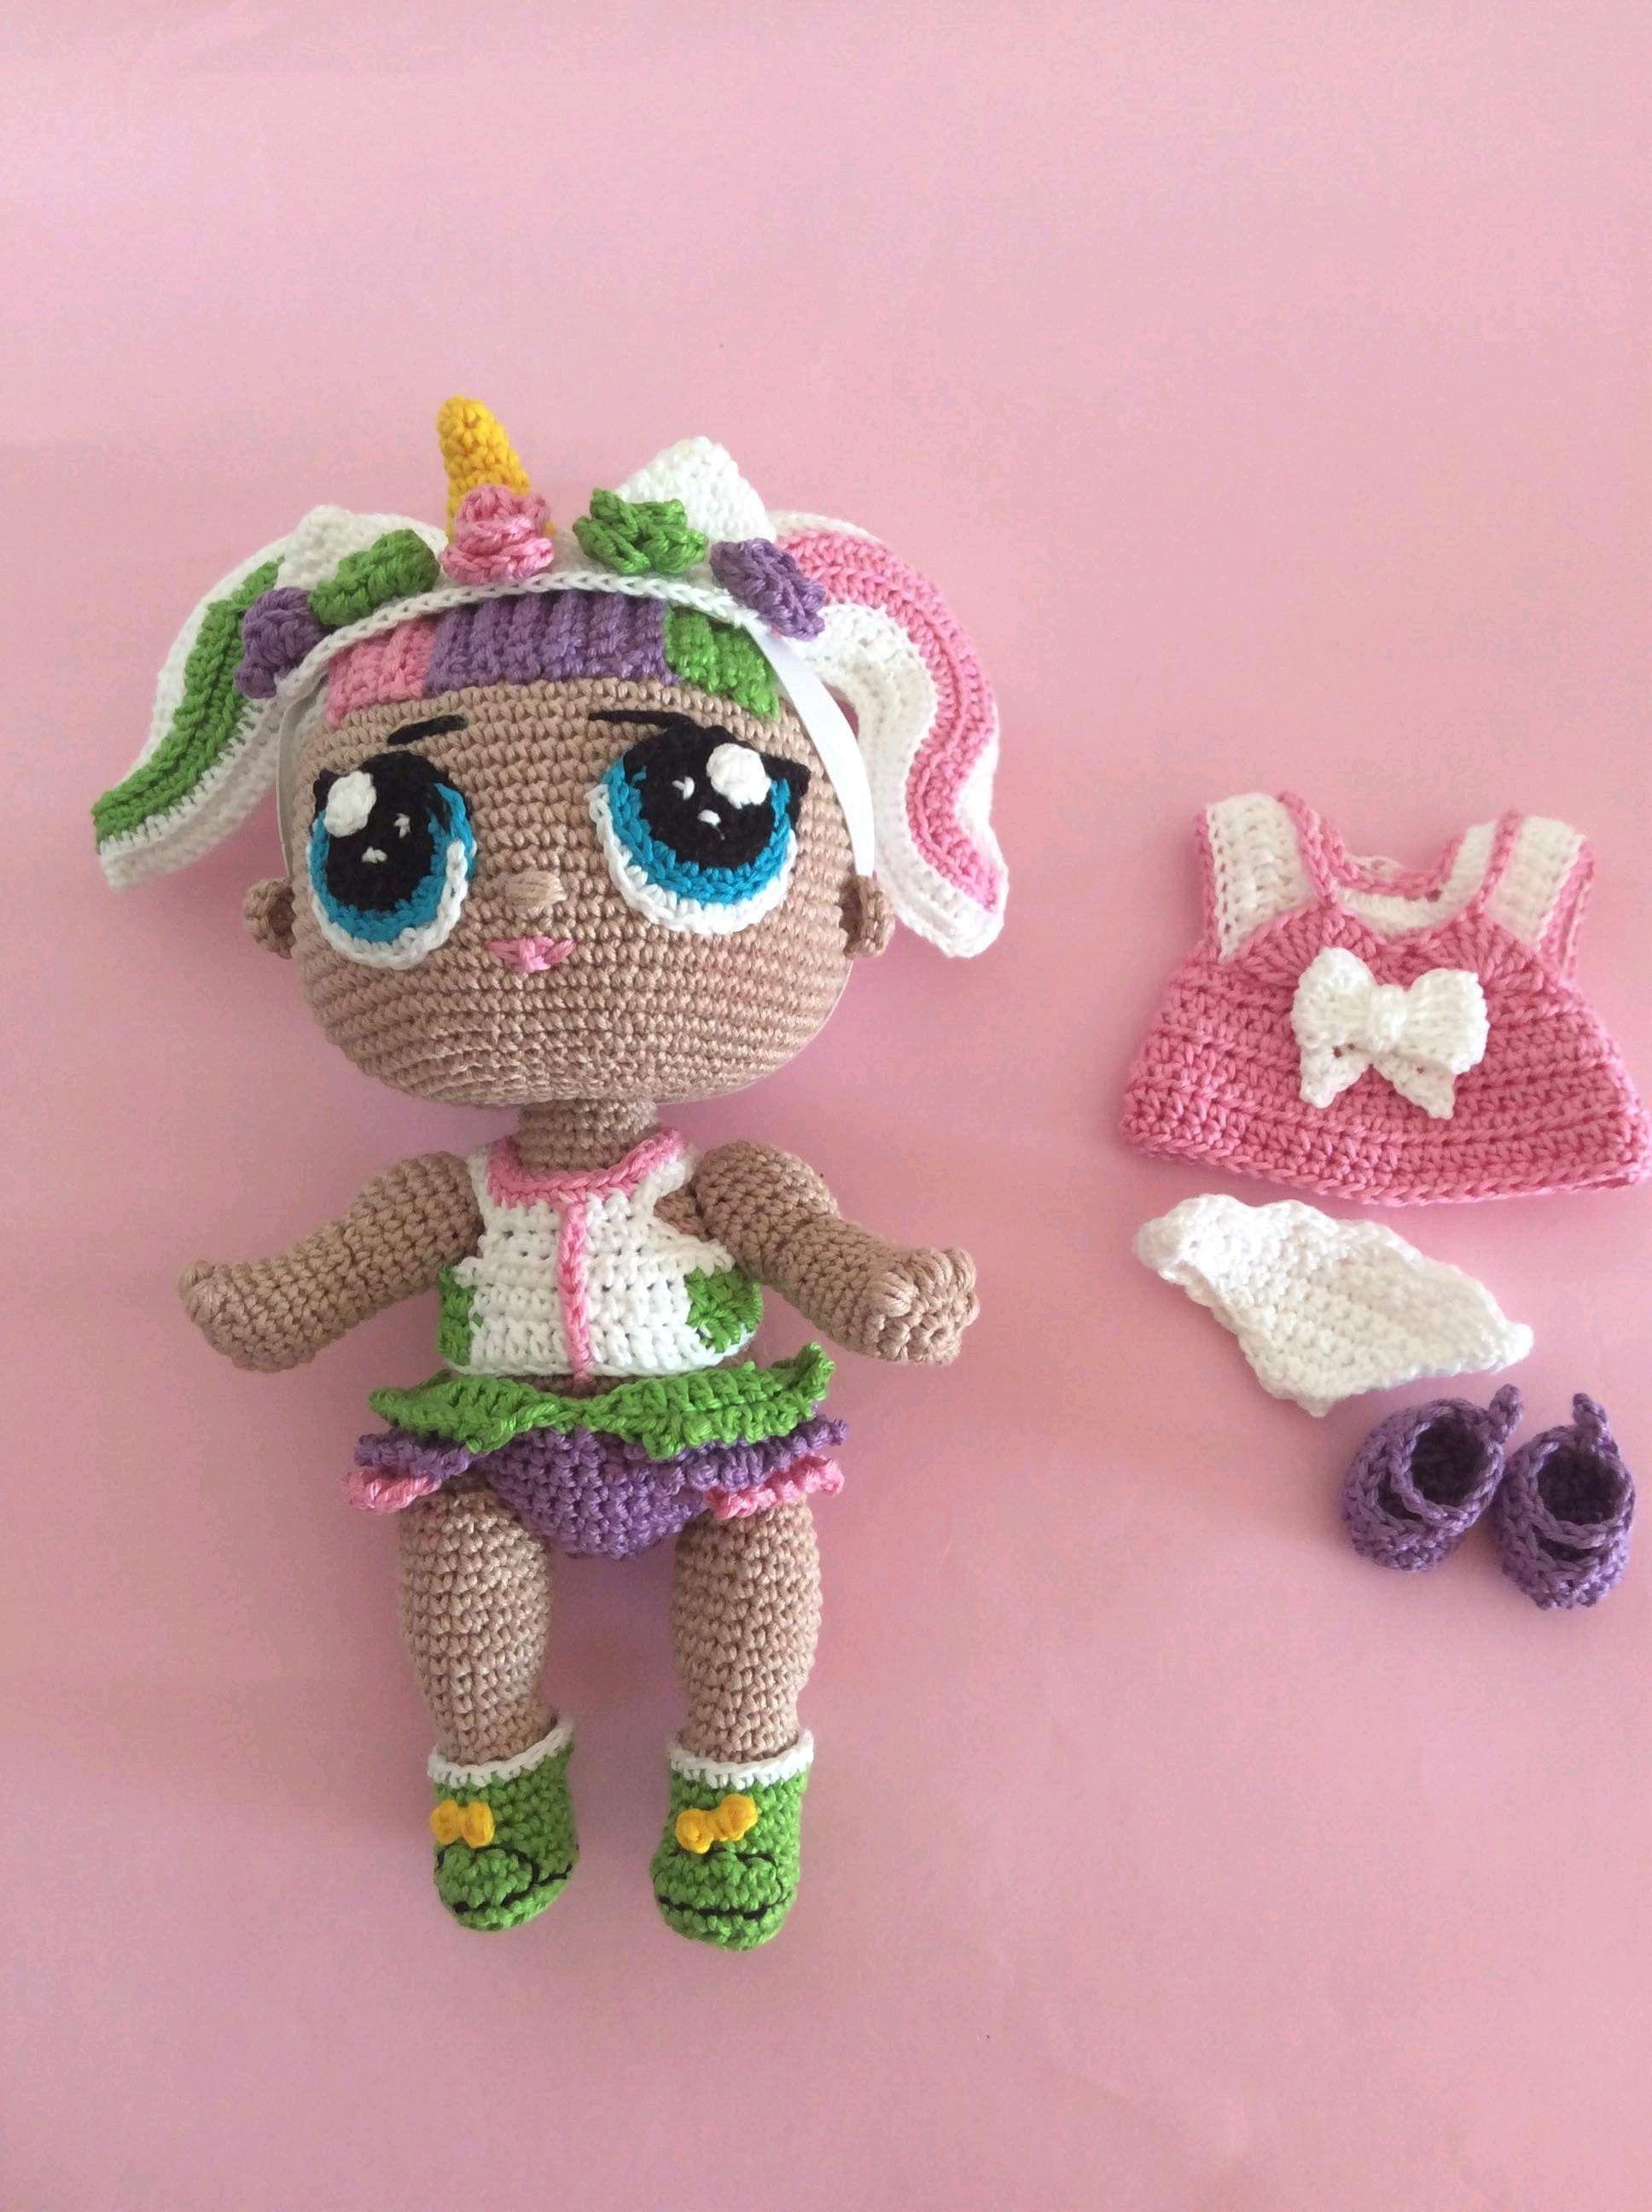 Técnica de crochet mide 35 cm. | Lol dolls, Crochet doll pattern ... | 2592x1936